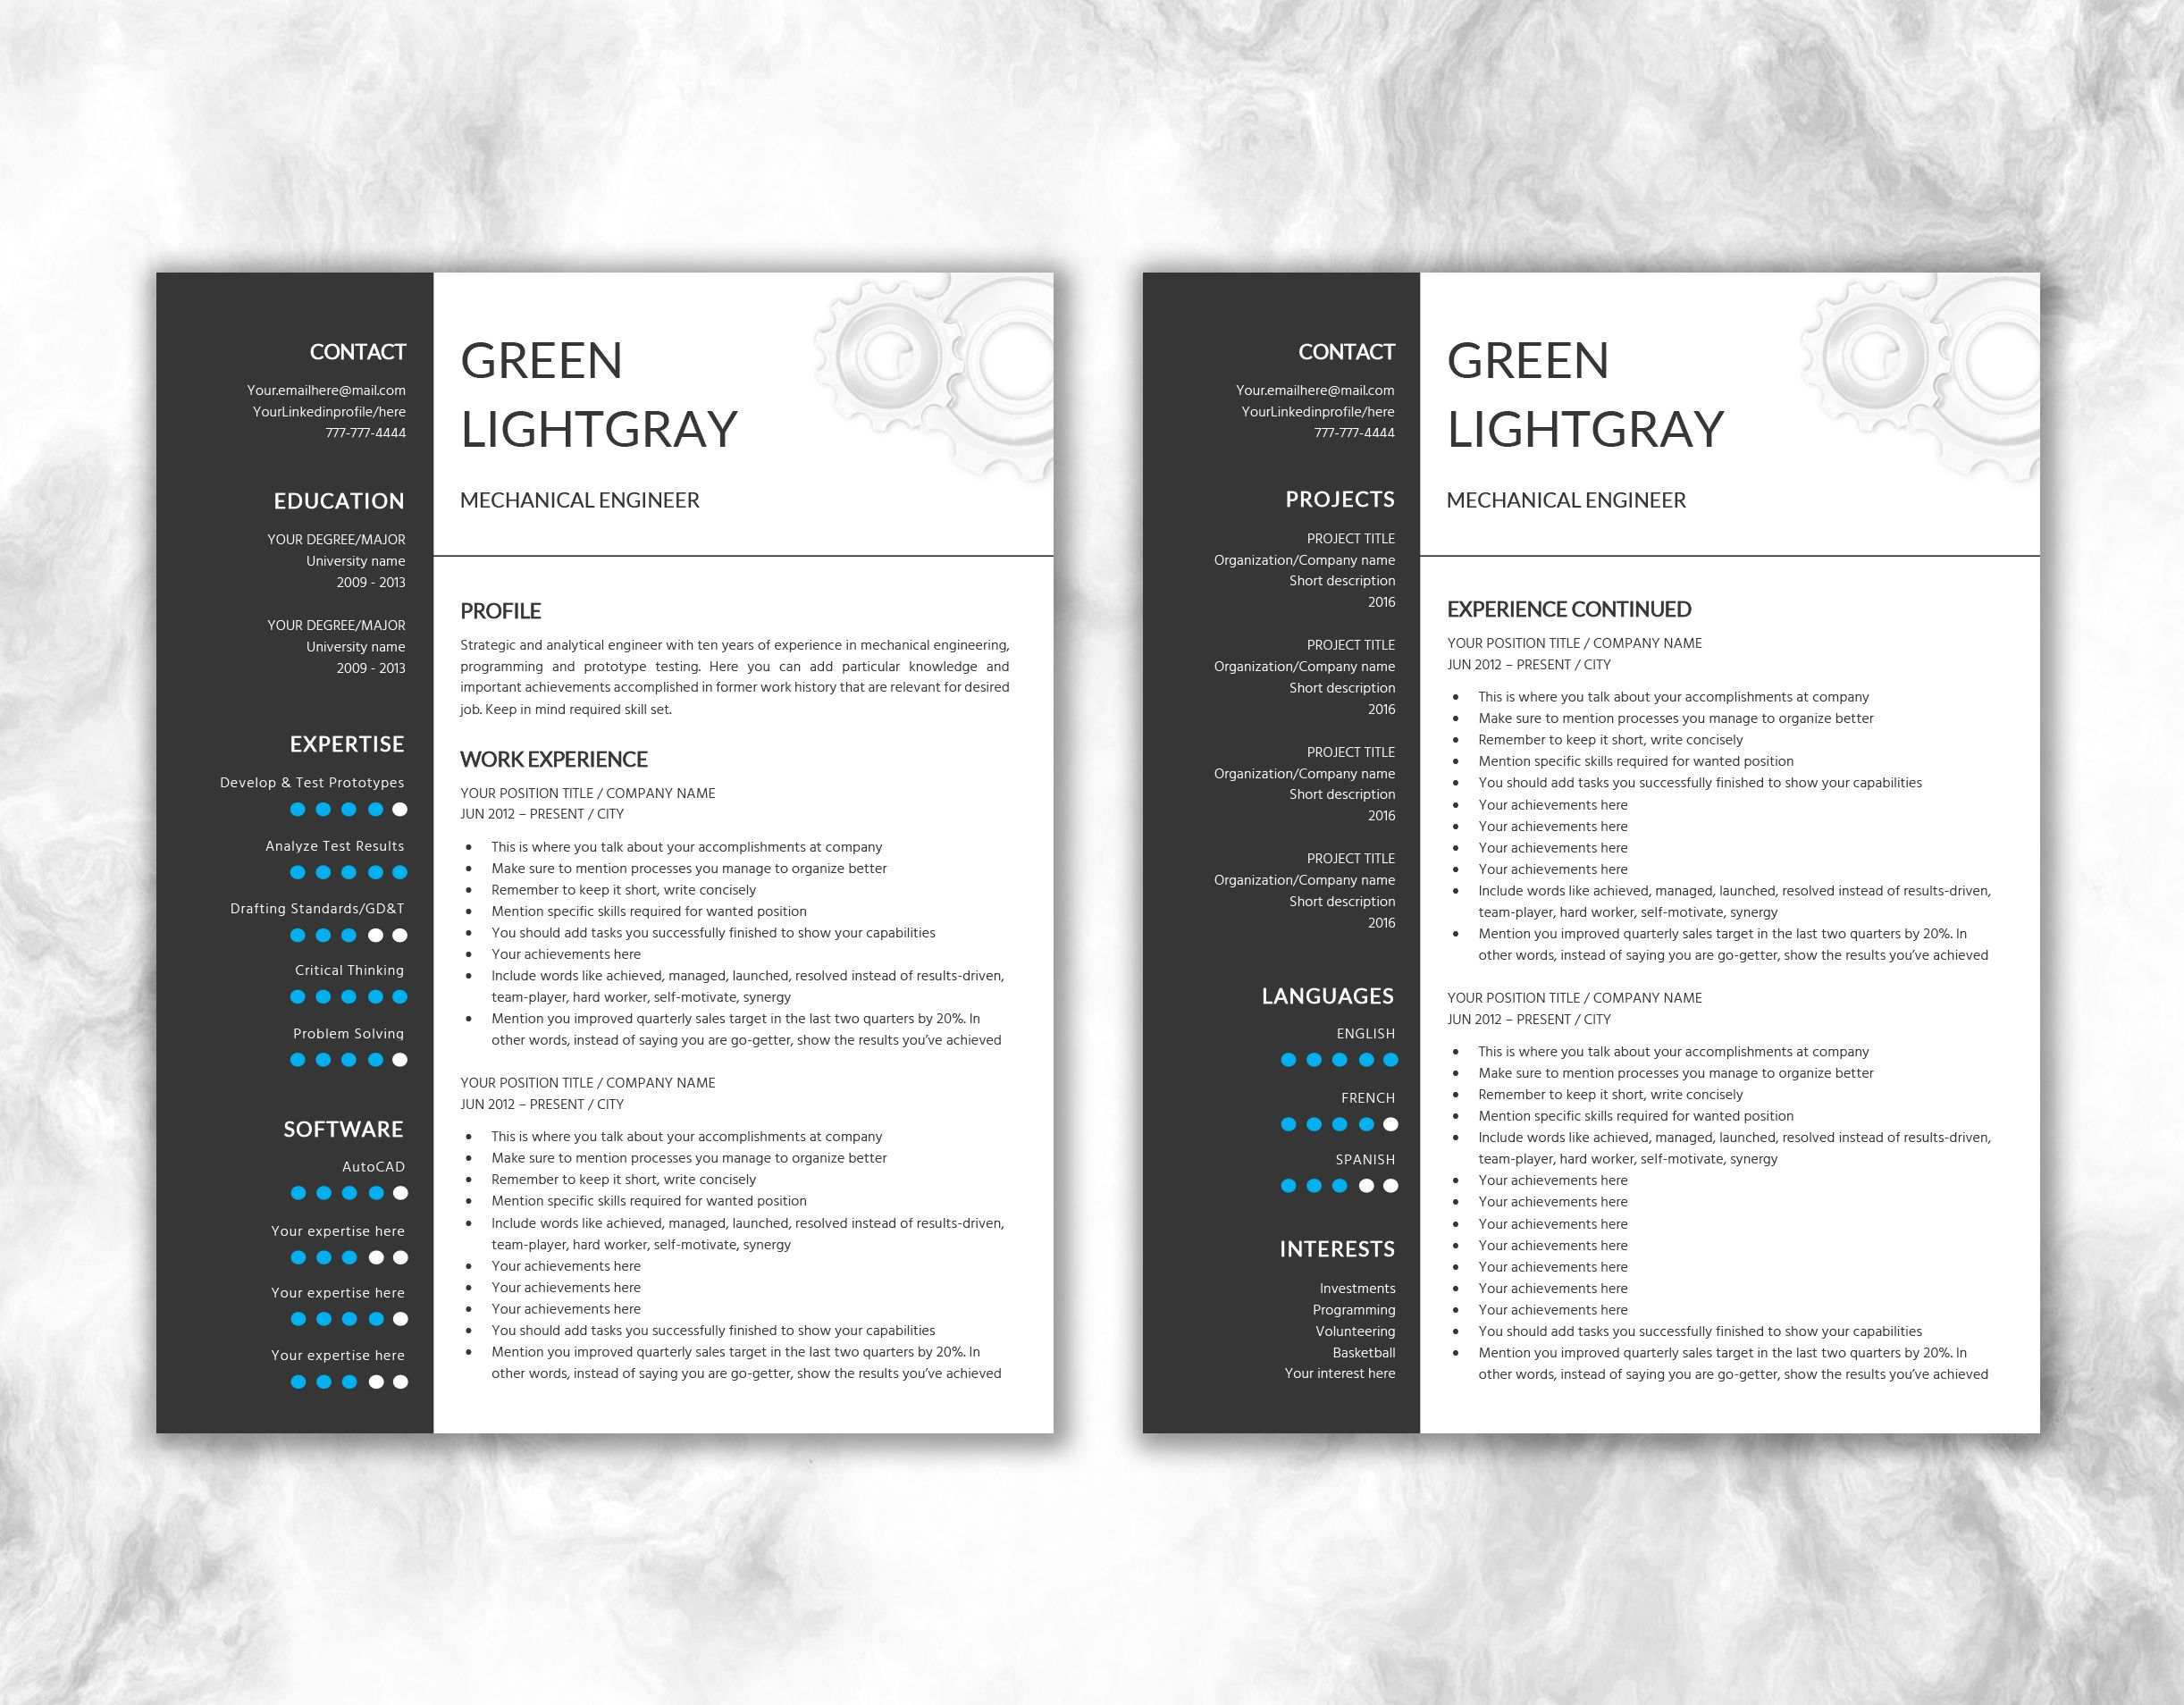 Engineer Resume Printable Template Editable in Word | Gear Design ...